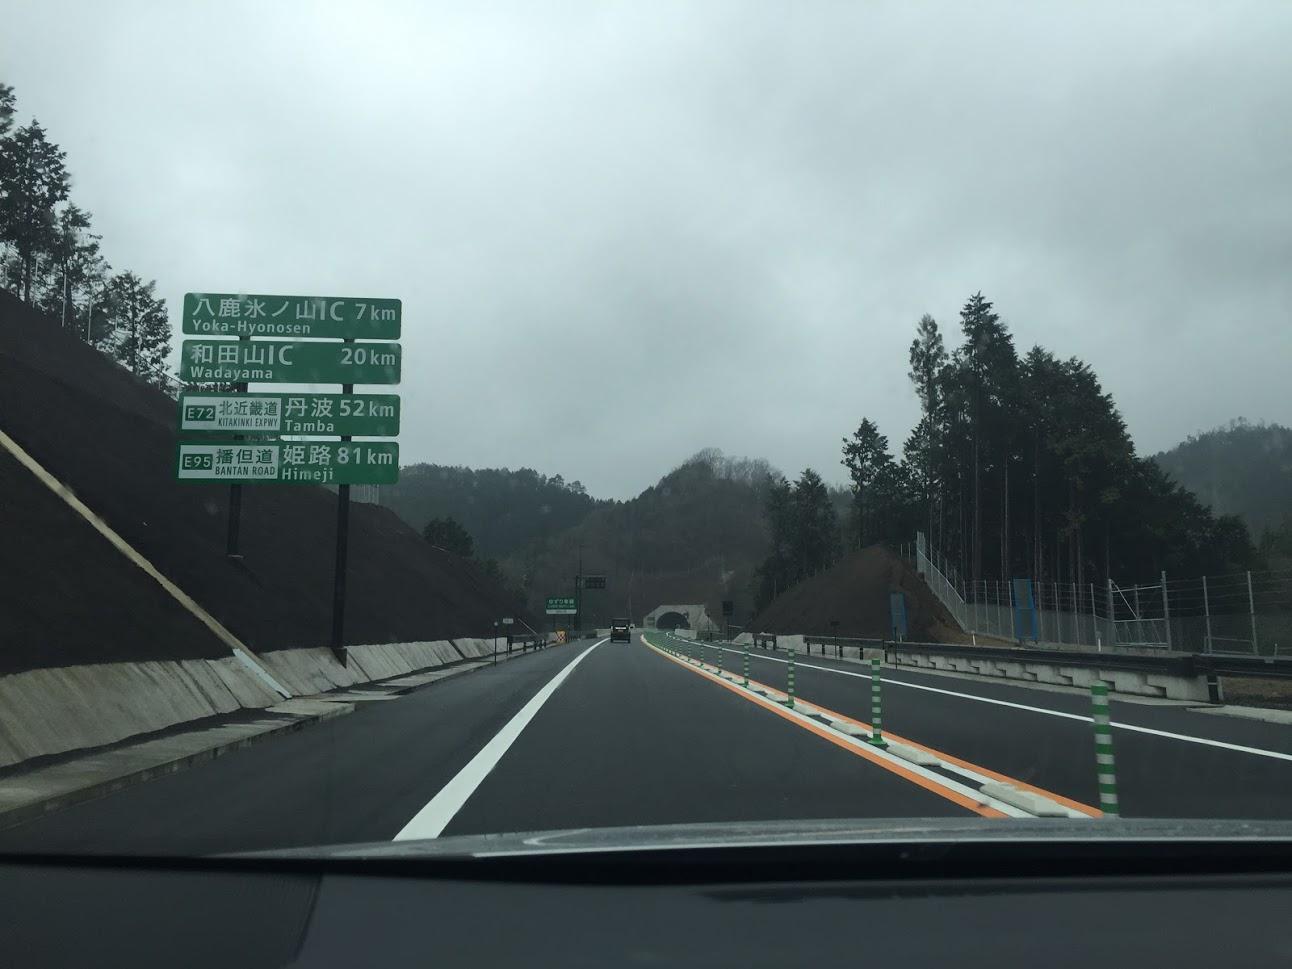 北近畿豊岡道但馬空港ICの開通は令和2年11月1日、松葉ガニシーズンに ...